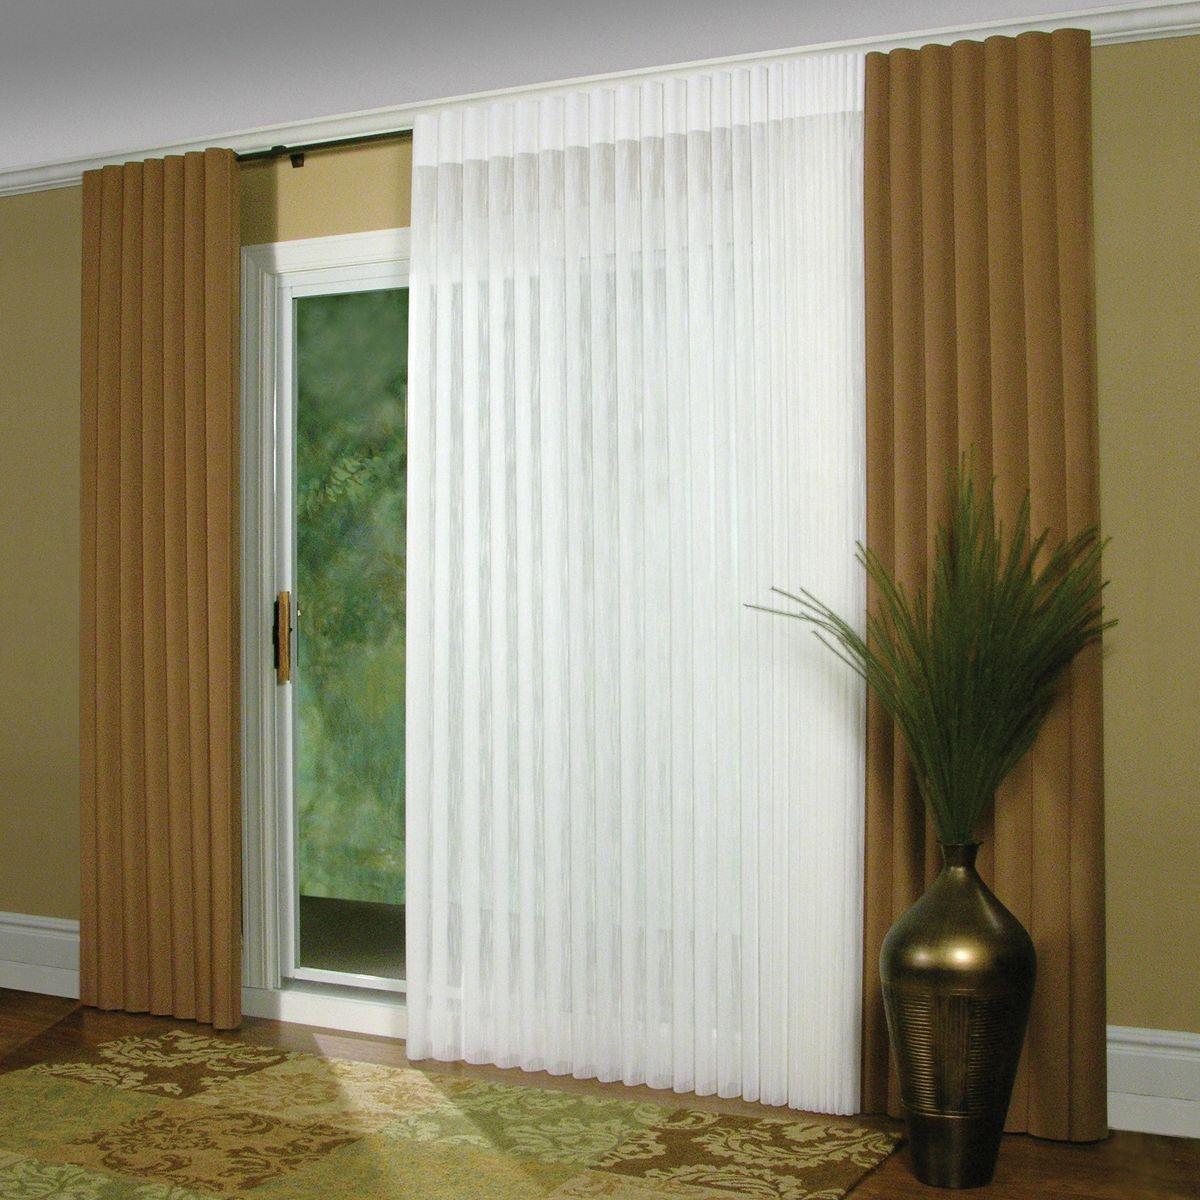 Insulated Blinds For Sliding Glass Doors Glass Doors Pinterest